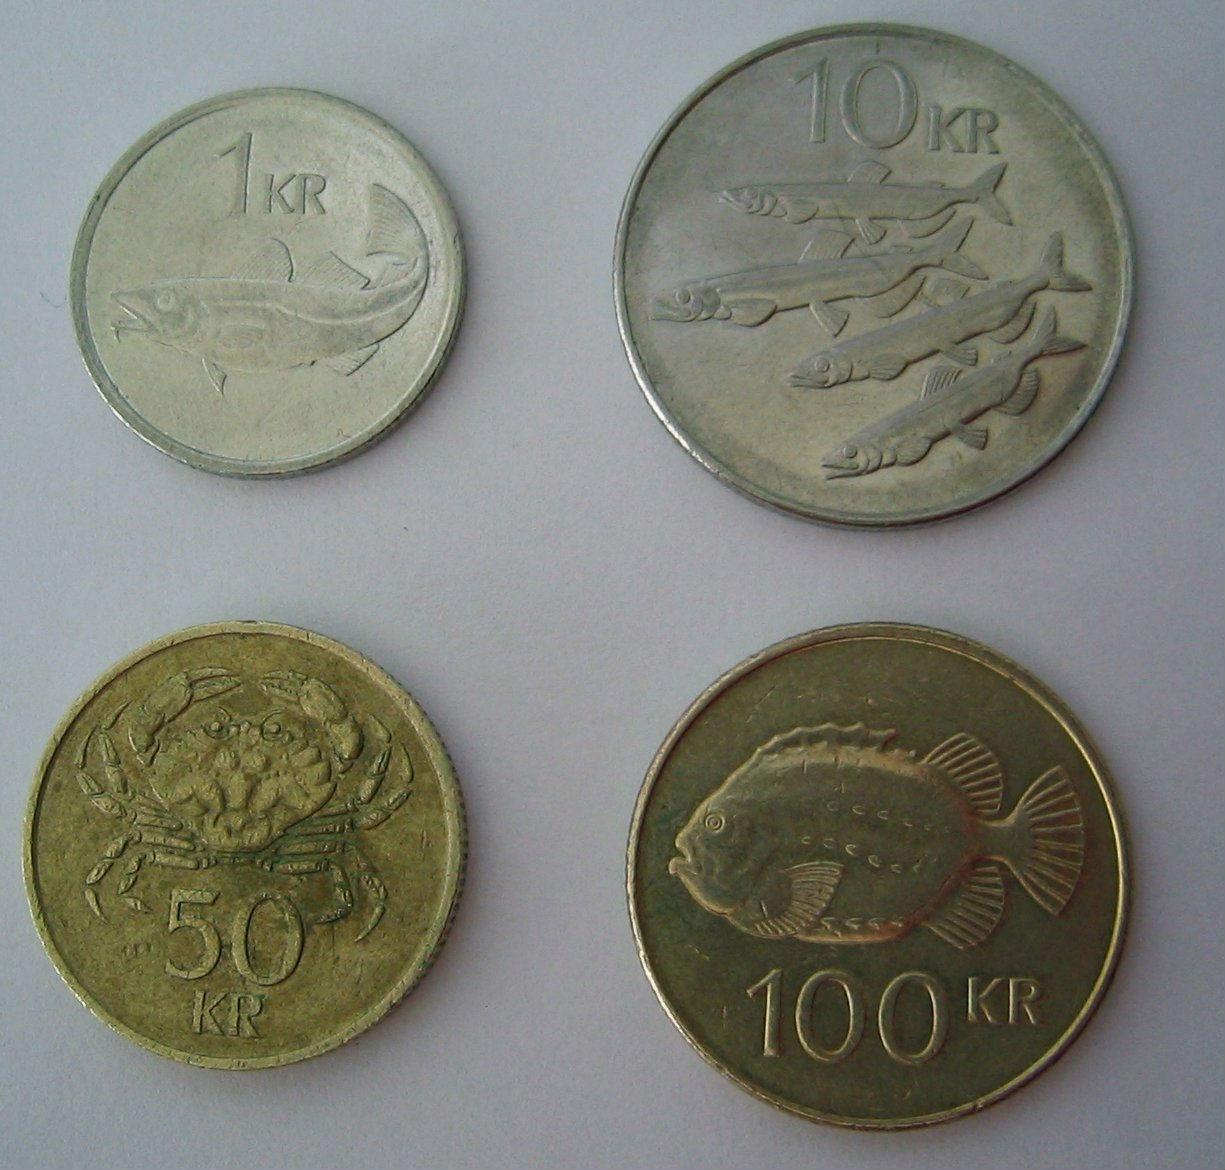 5冰岛克朗   1欧元=137冰岛克朗   1英镑=200冰岛克朗   1日元=1.